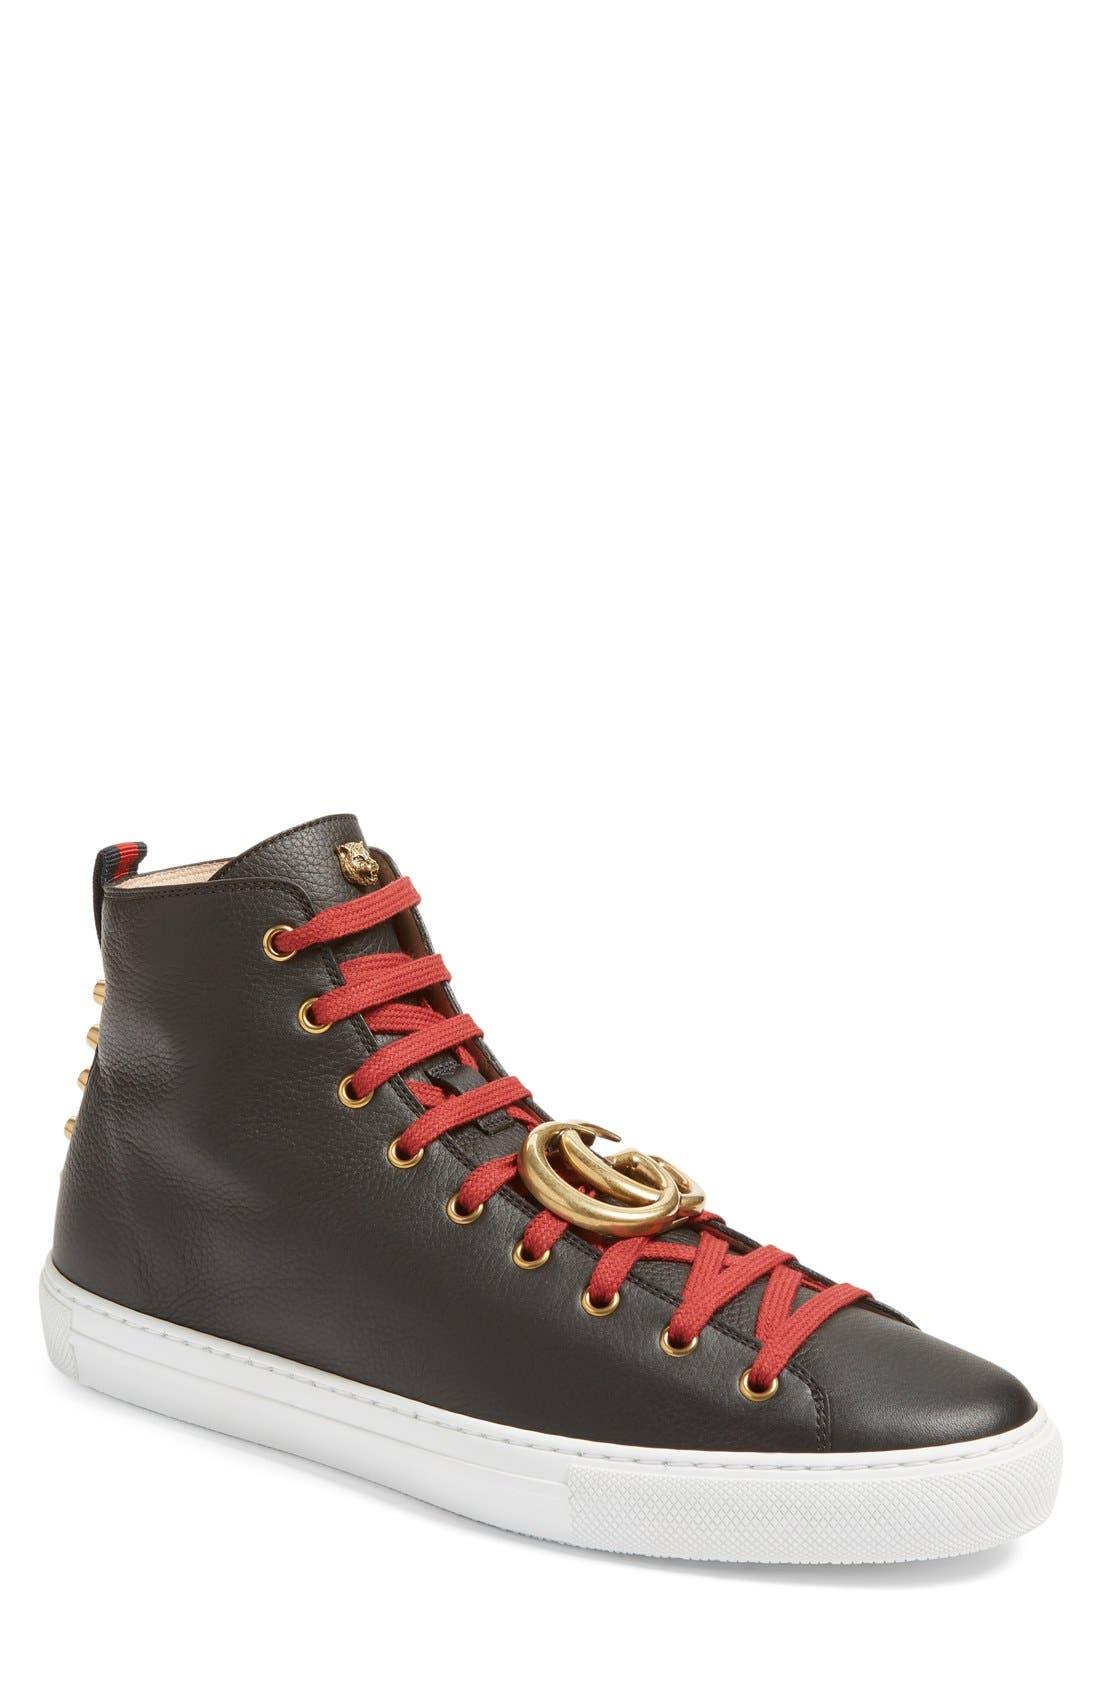 Main Image - Gucci Major High Top Sneaker (Men)